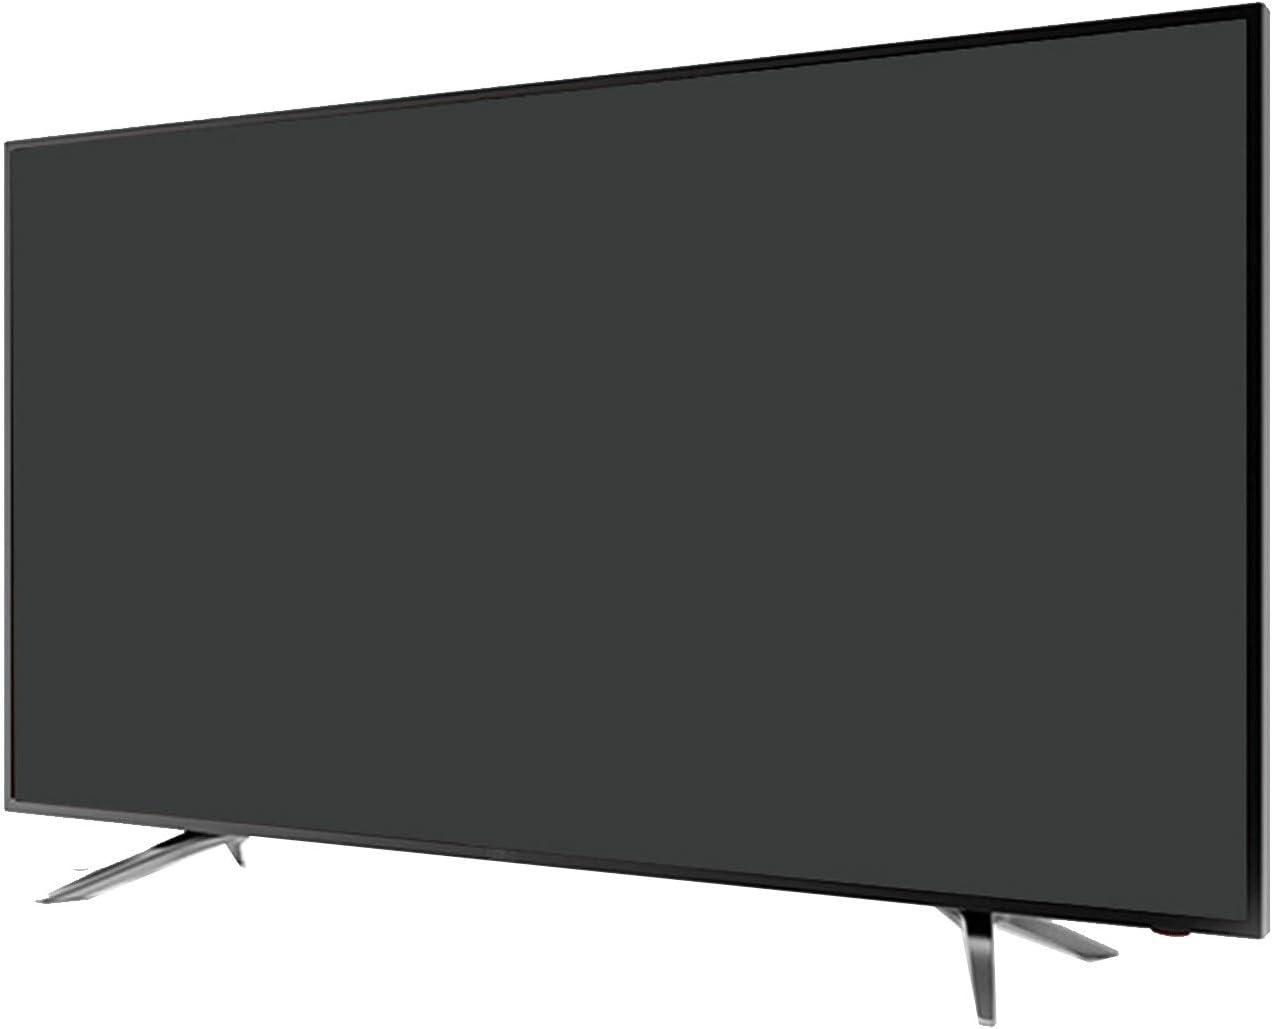 YILANJUN TV Televisión Televisor Smart Internet LCD de Alta Definición de Red WiFi Inteligente, Marco Estrecho, Color de Imagen Realmente Suave (32/42/46/55/60 Pulgadas)